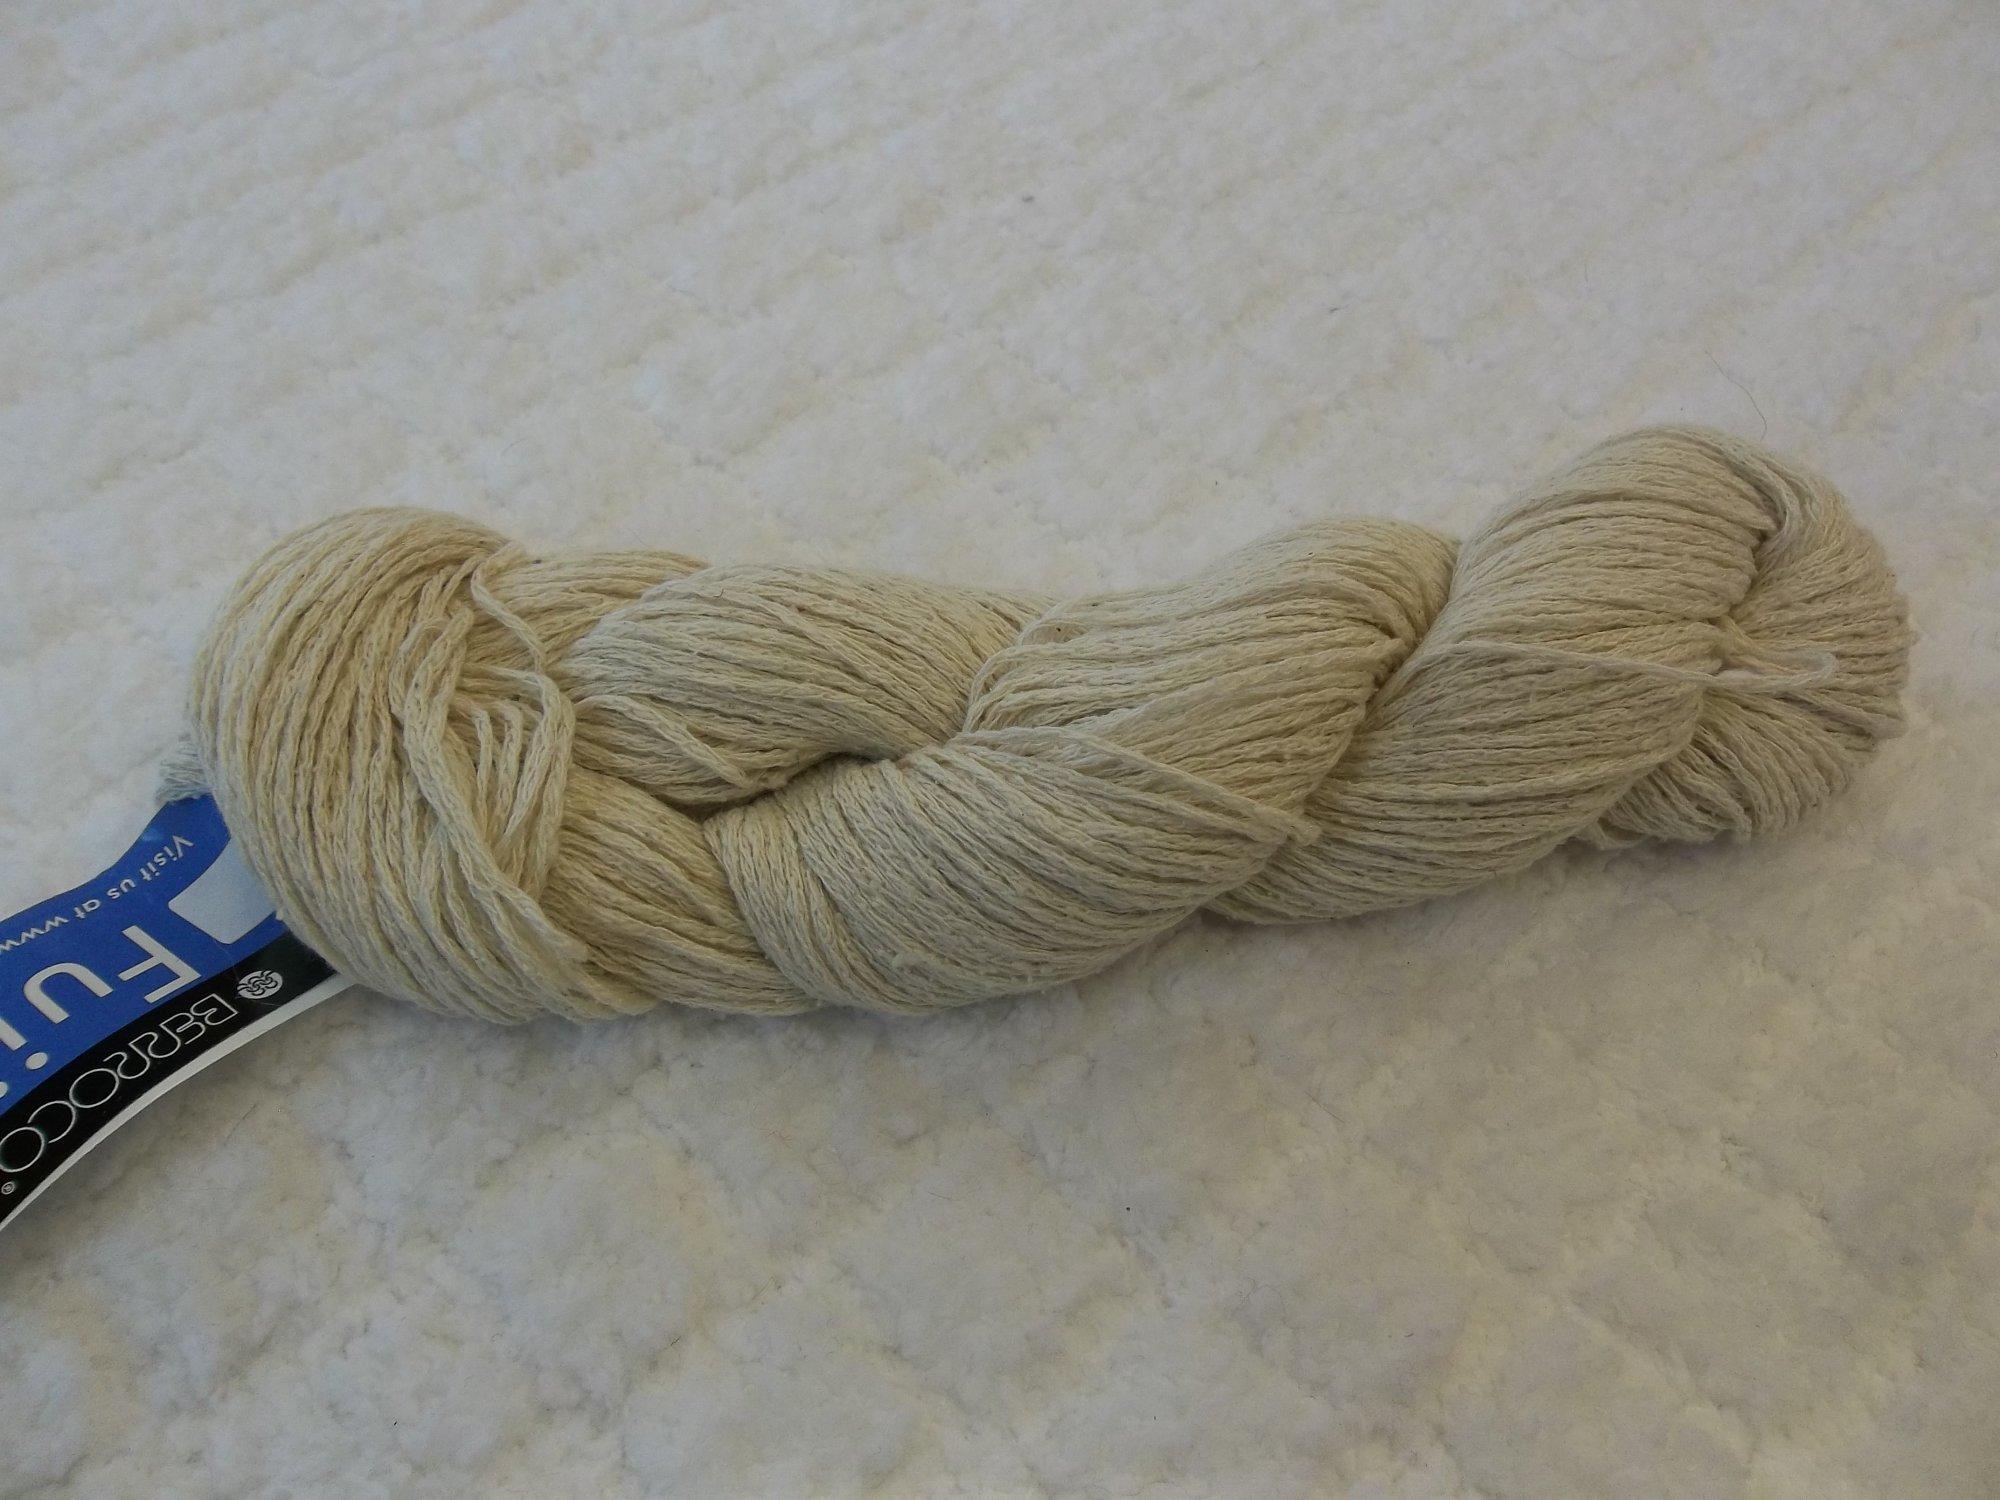 Fuji Color 9201 - Cream